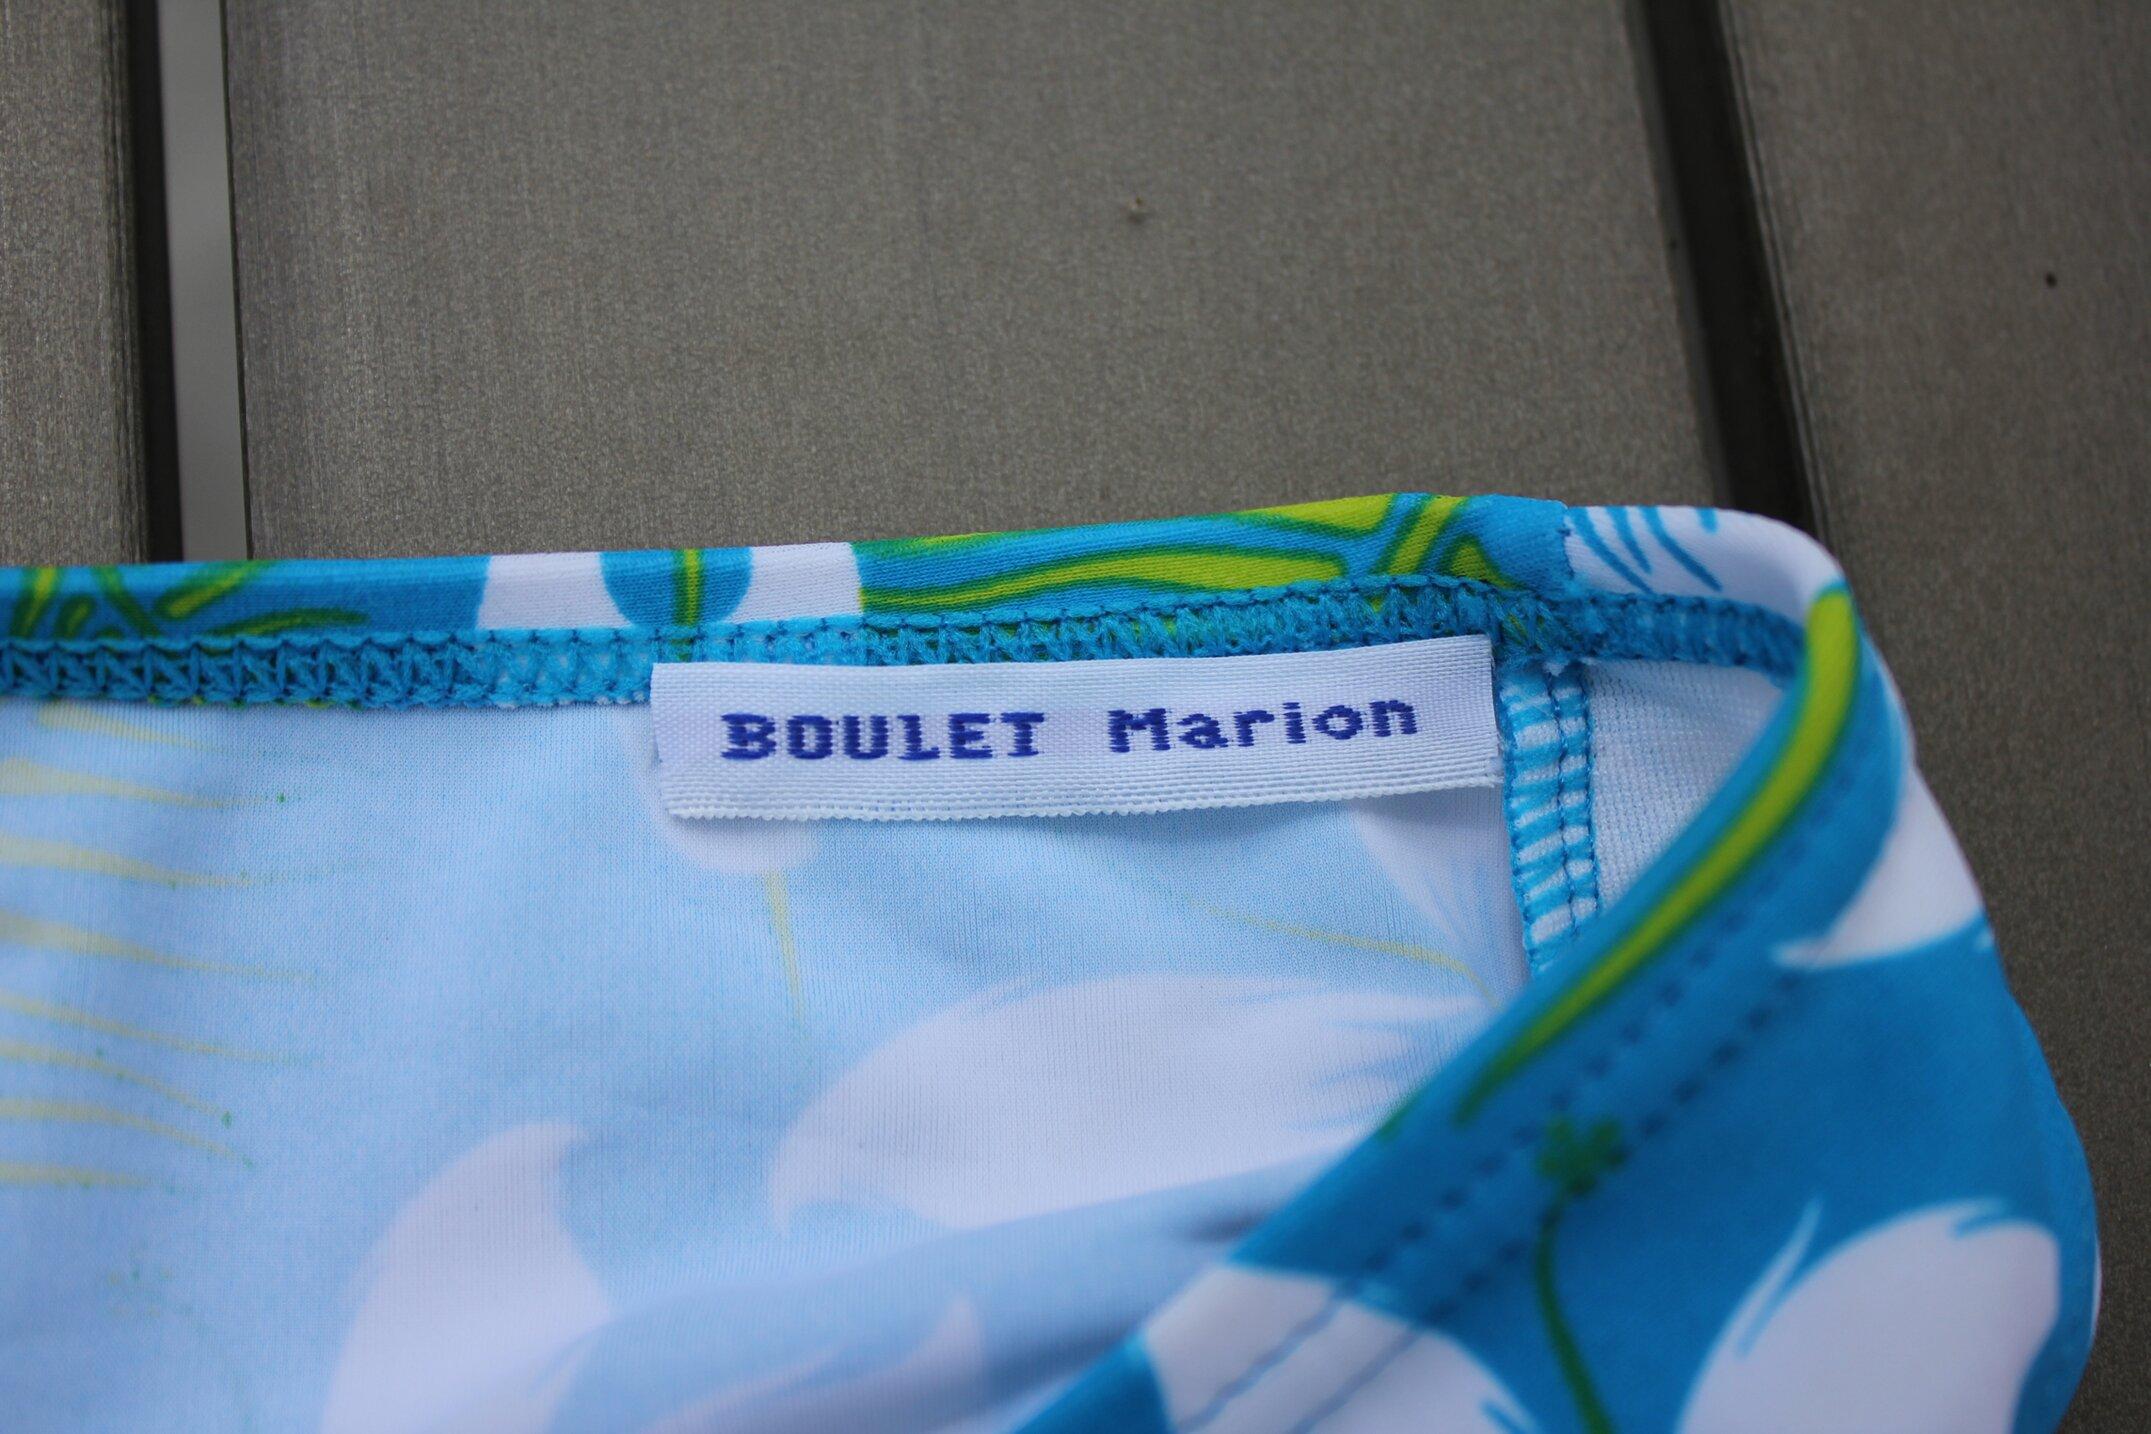 Bientôt les classes vertes, pensez aux étiquettes pour marquer vos vêtements